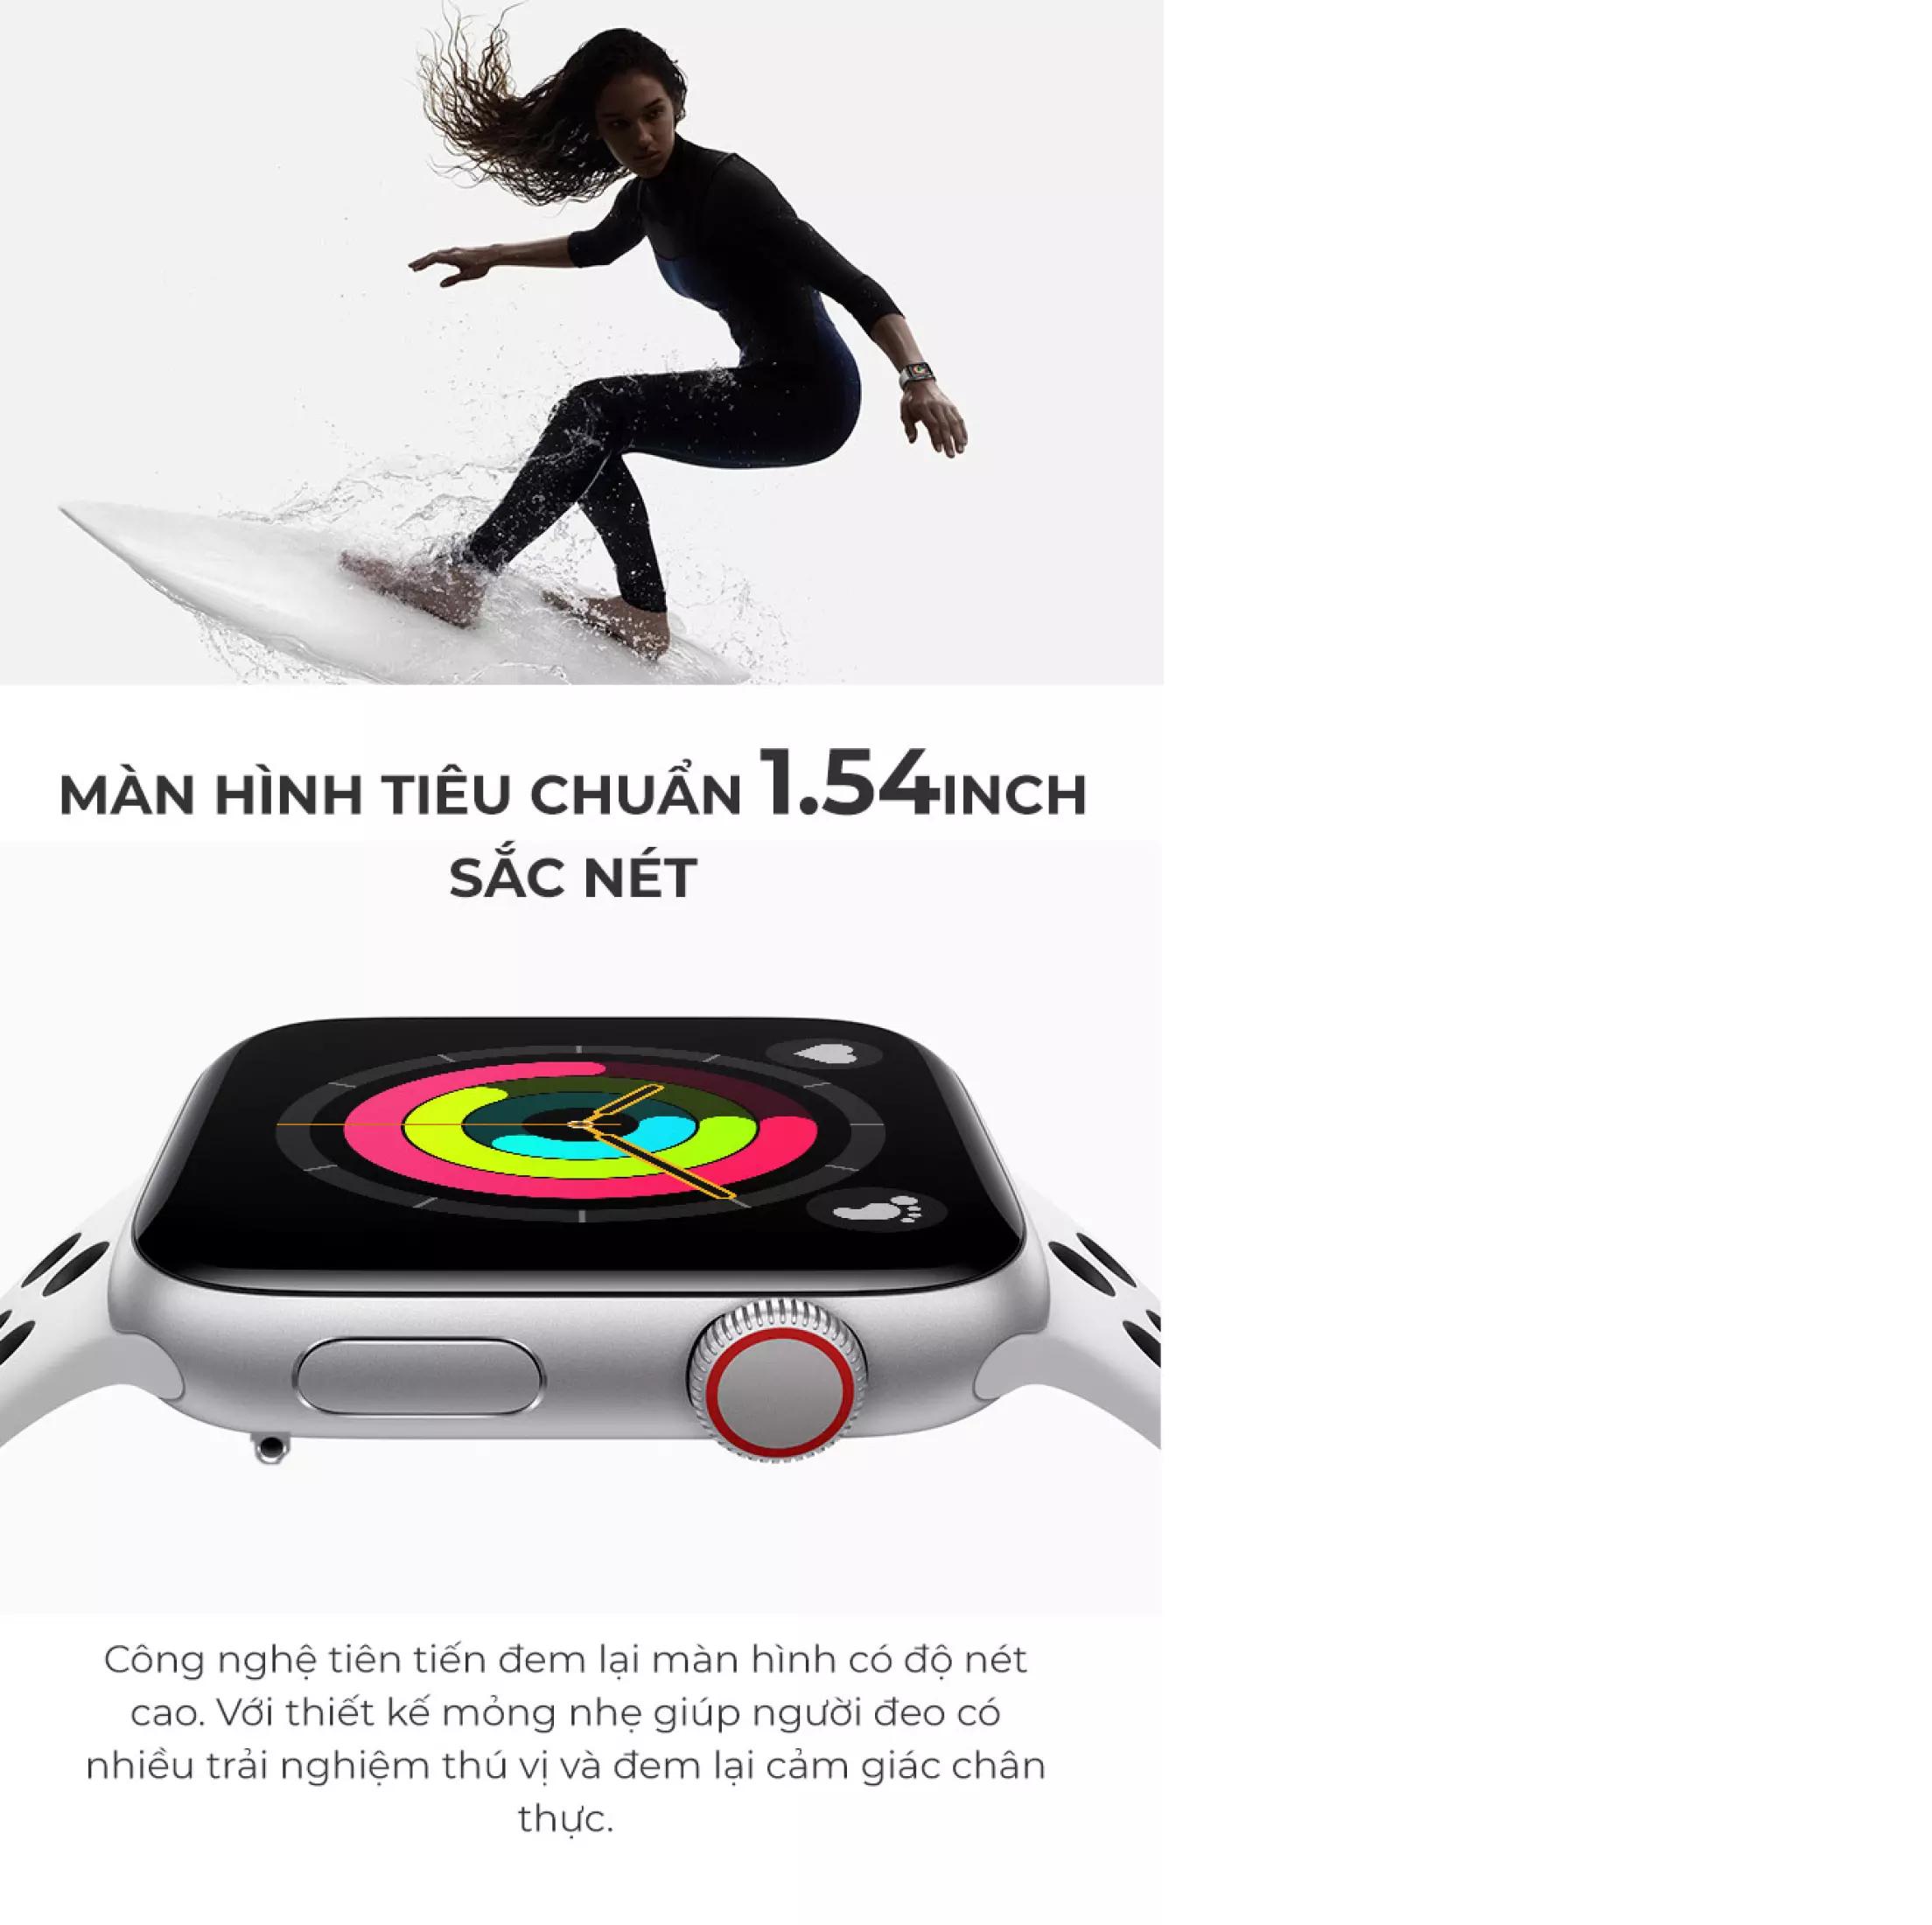 ĐỒNG HỒ THÔNG MINH T500 SMART WATCH SERIES 5 - Thay được hình nền -Thiết kế  thời